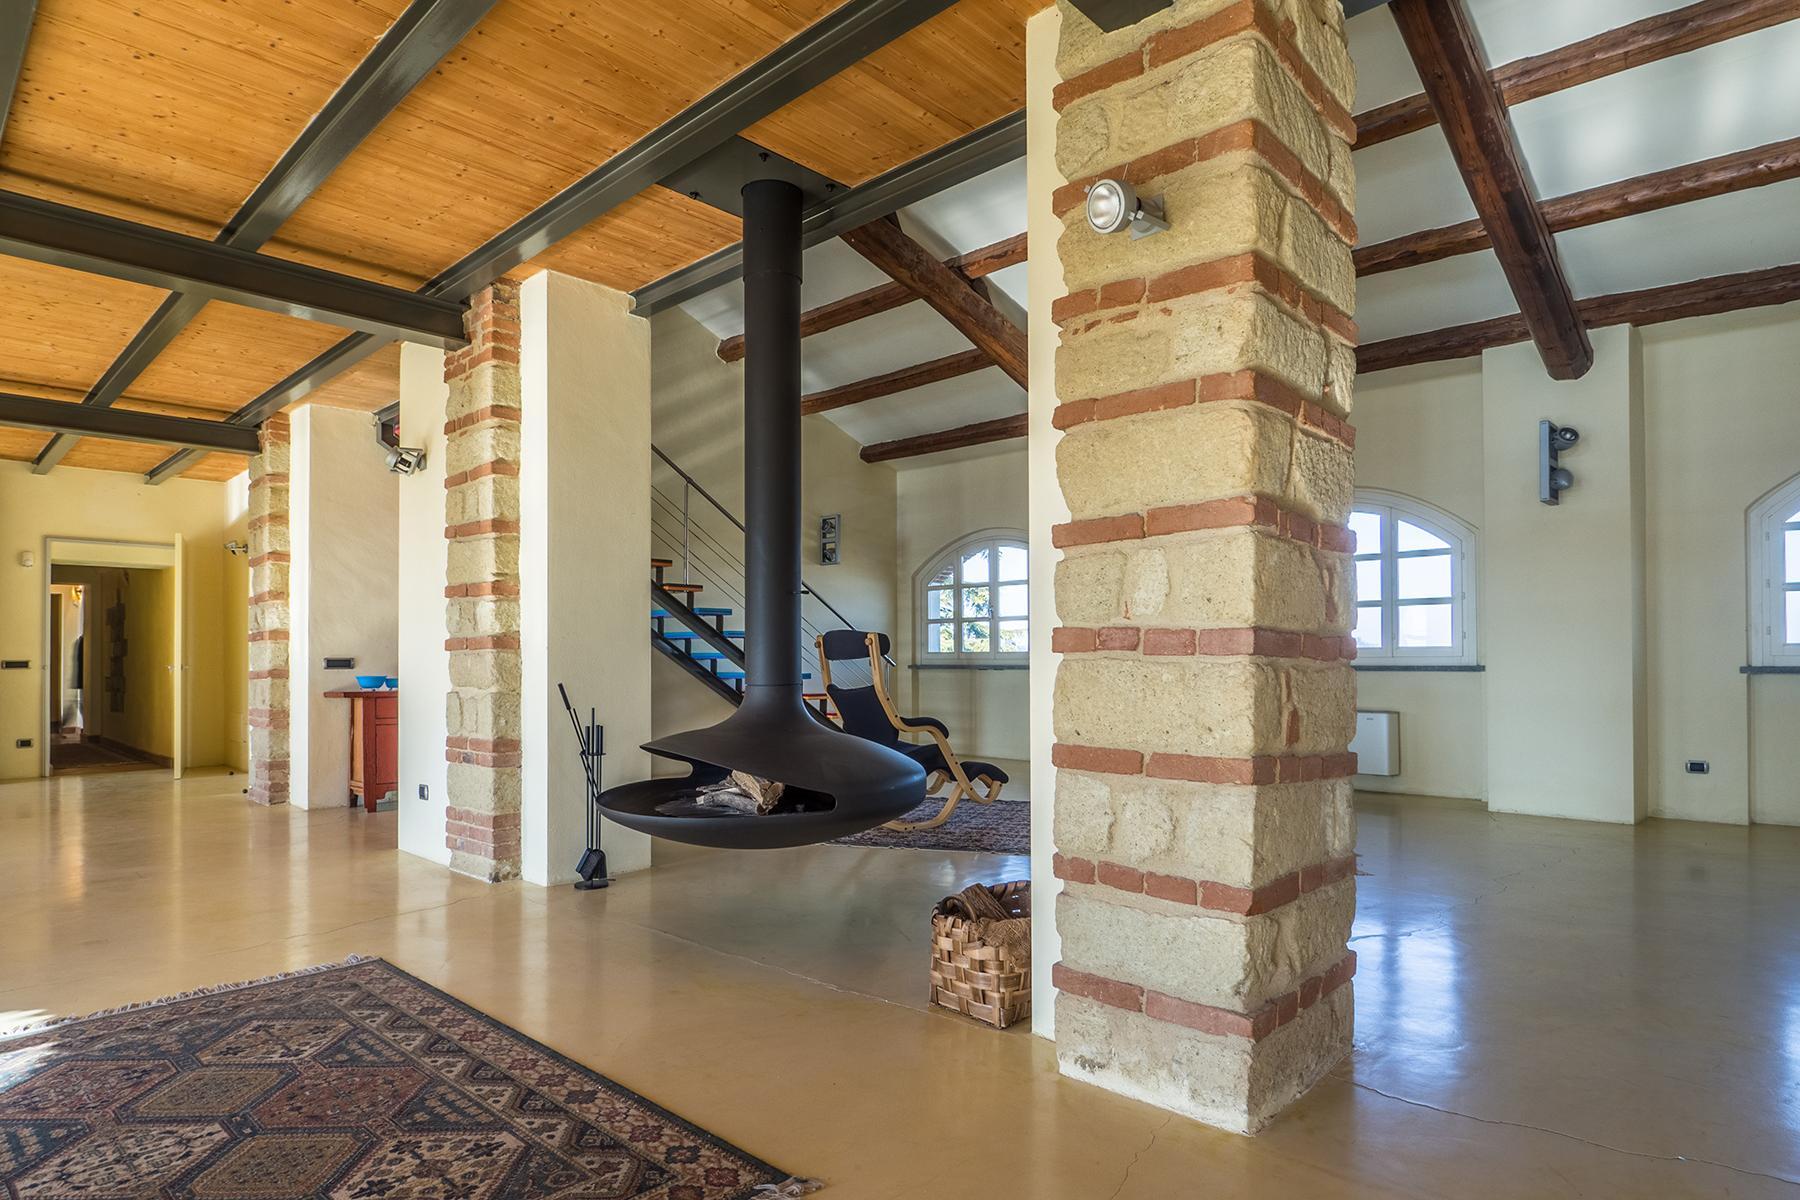 Rustico in Vendita a Vignale Monferrato: 5 locali, 1400 mq - Foto 21